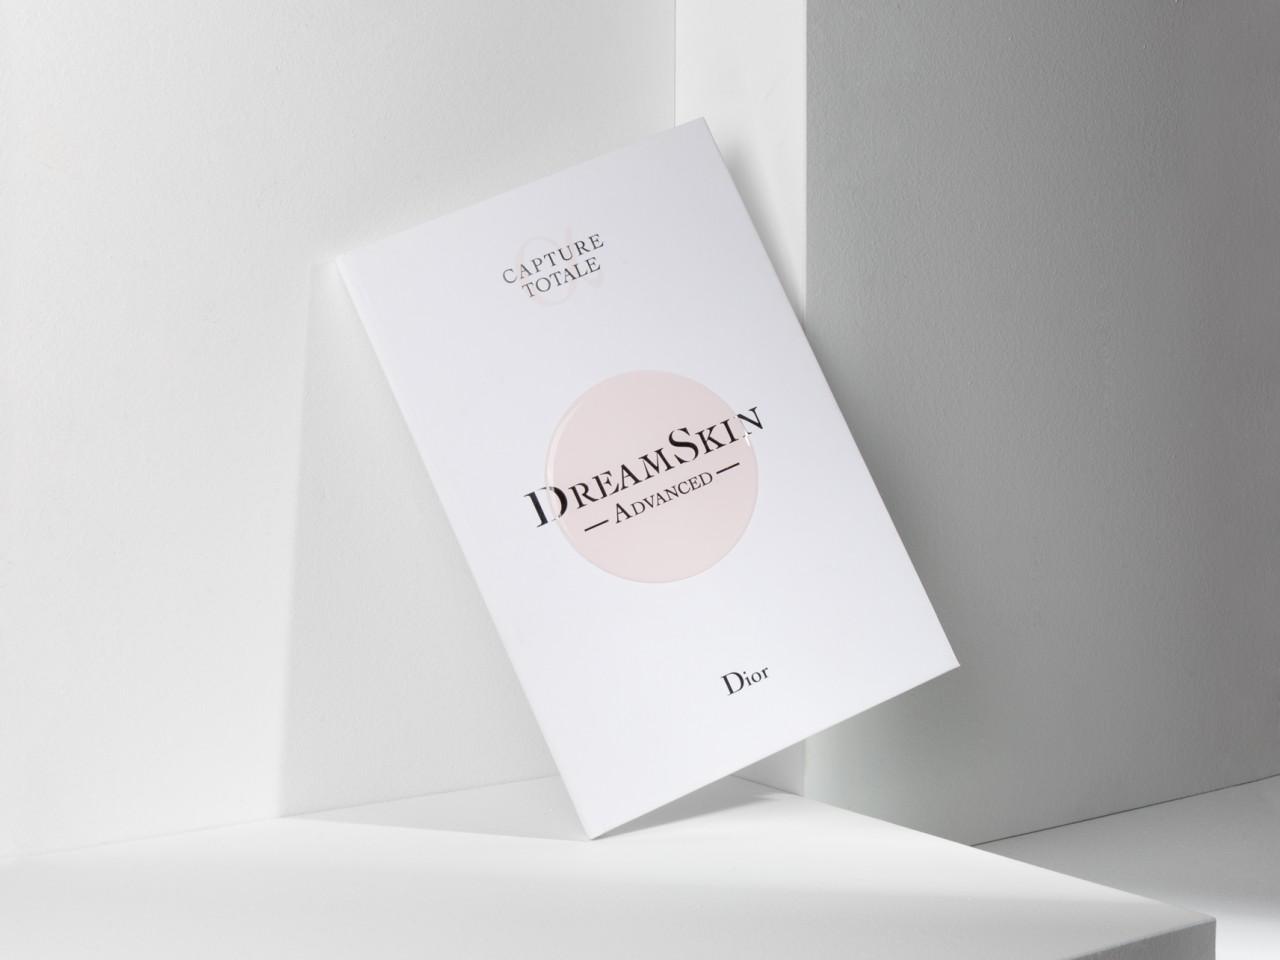 Vincent Chatelet Dior Capture Totale Dreamskin